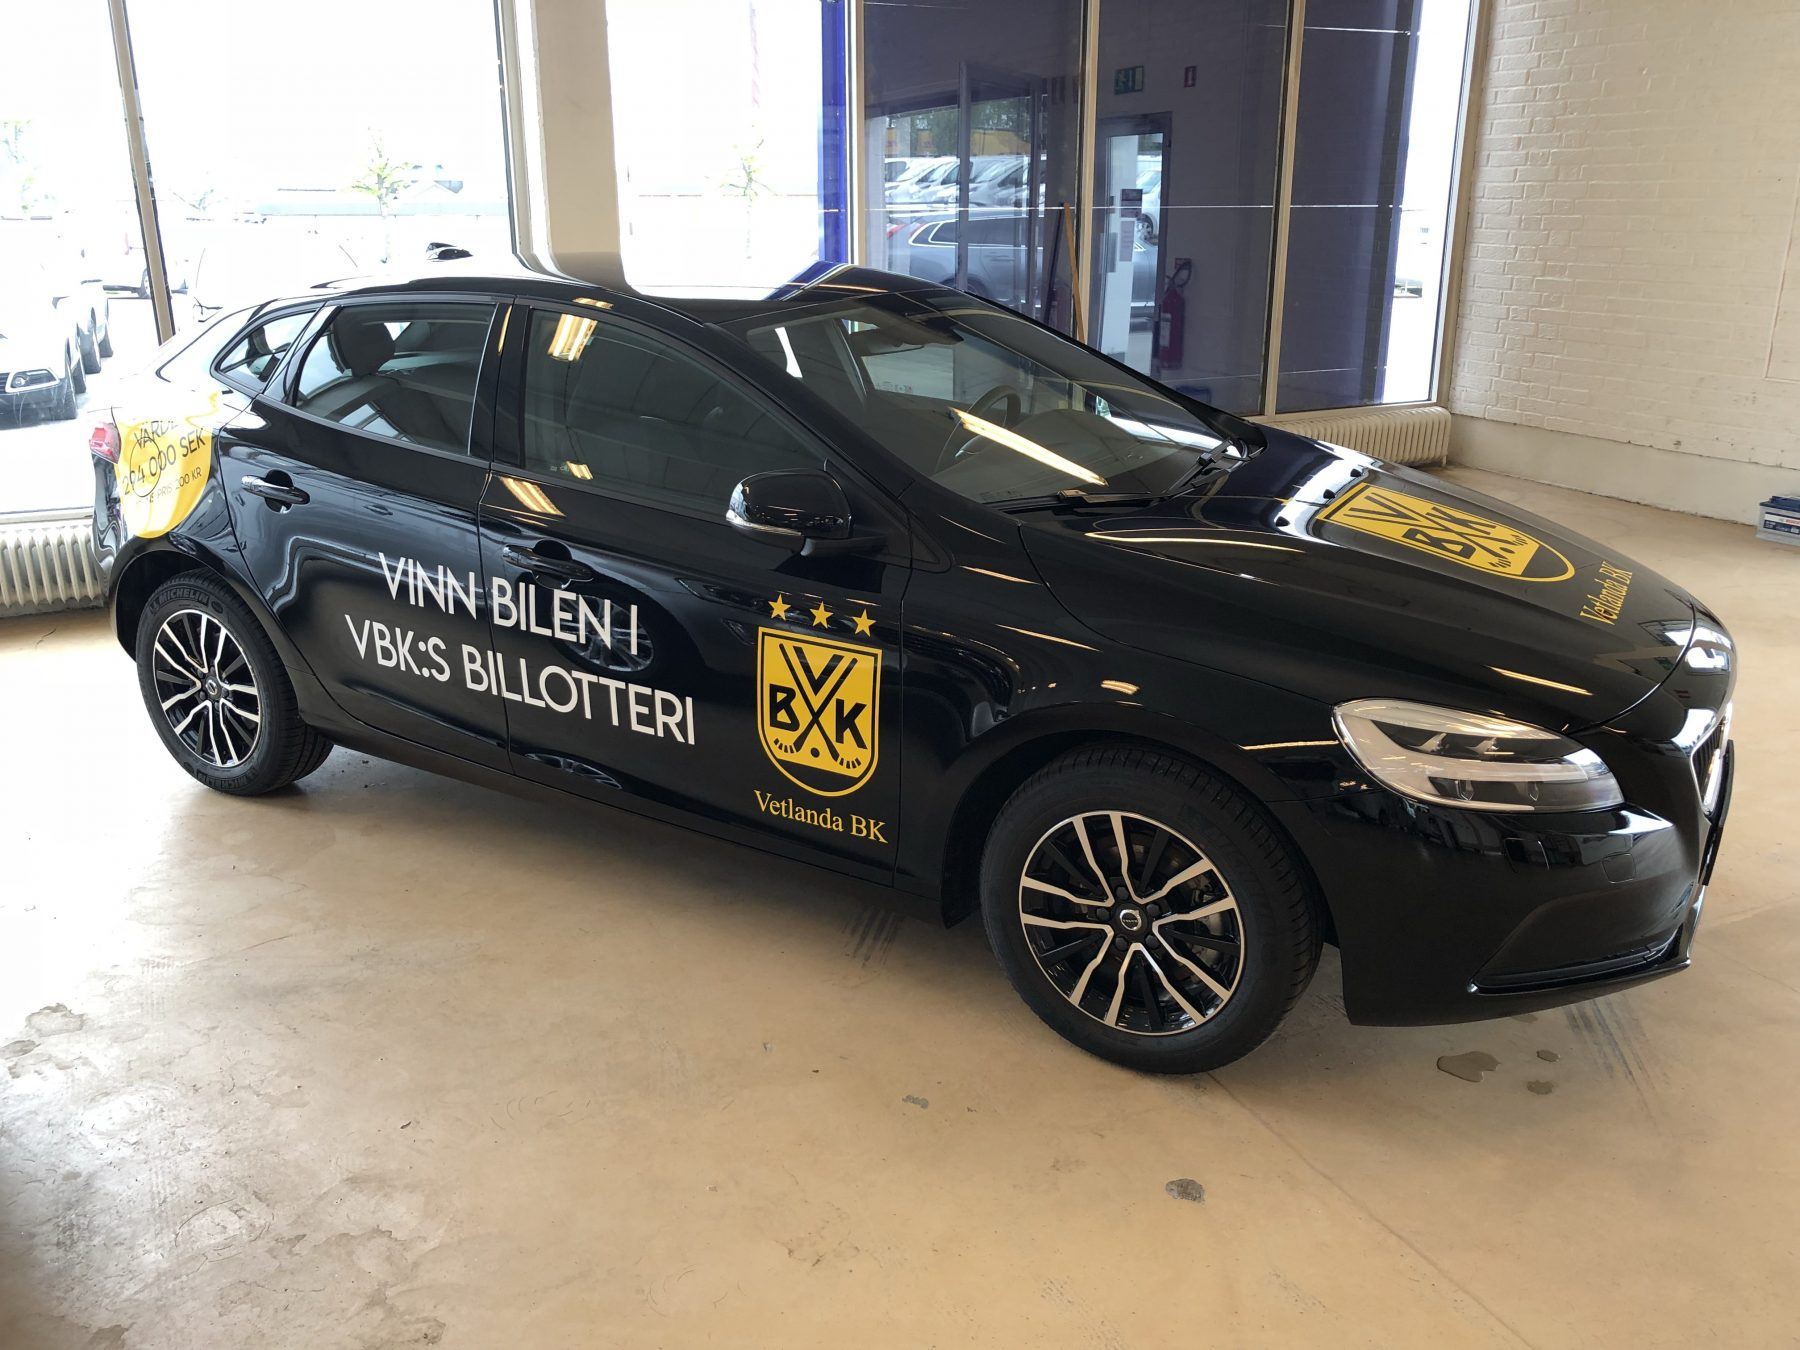 Vinn en ny Volvo V40 i VBK:s Billotteri – försäljningen startar på lördag!